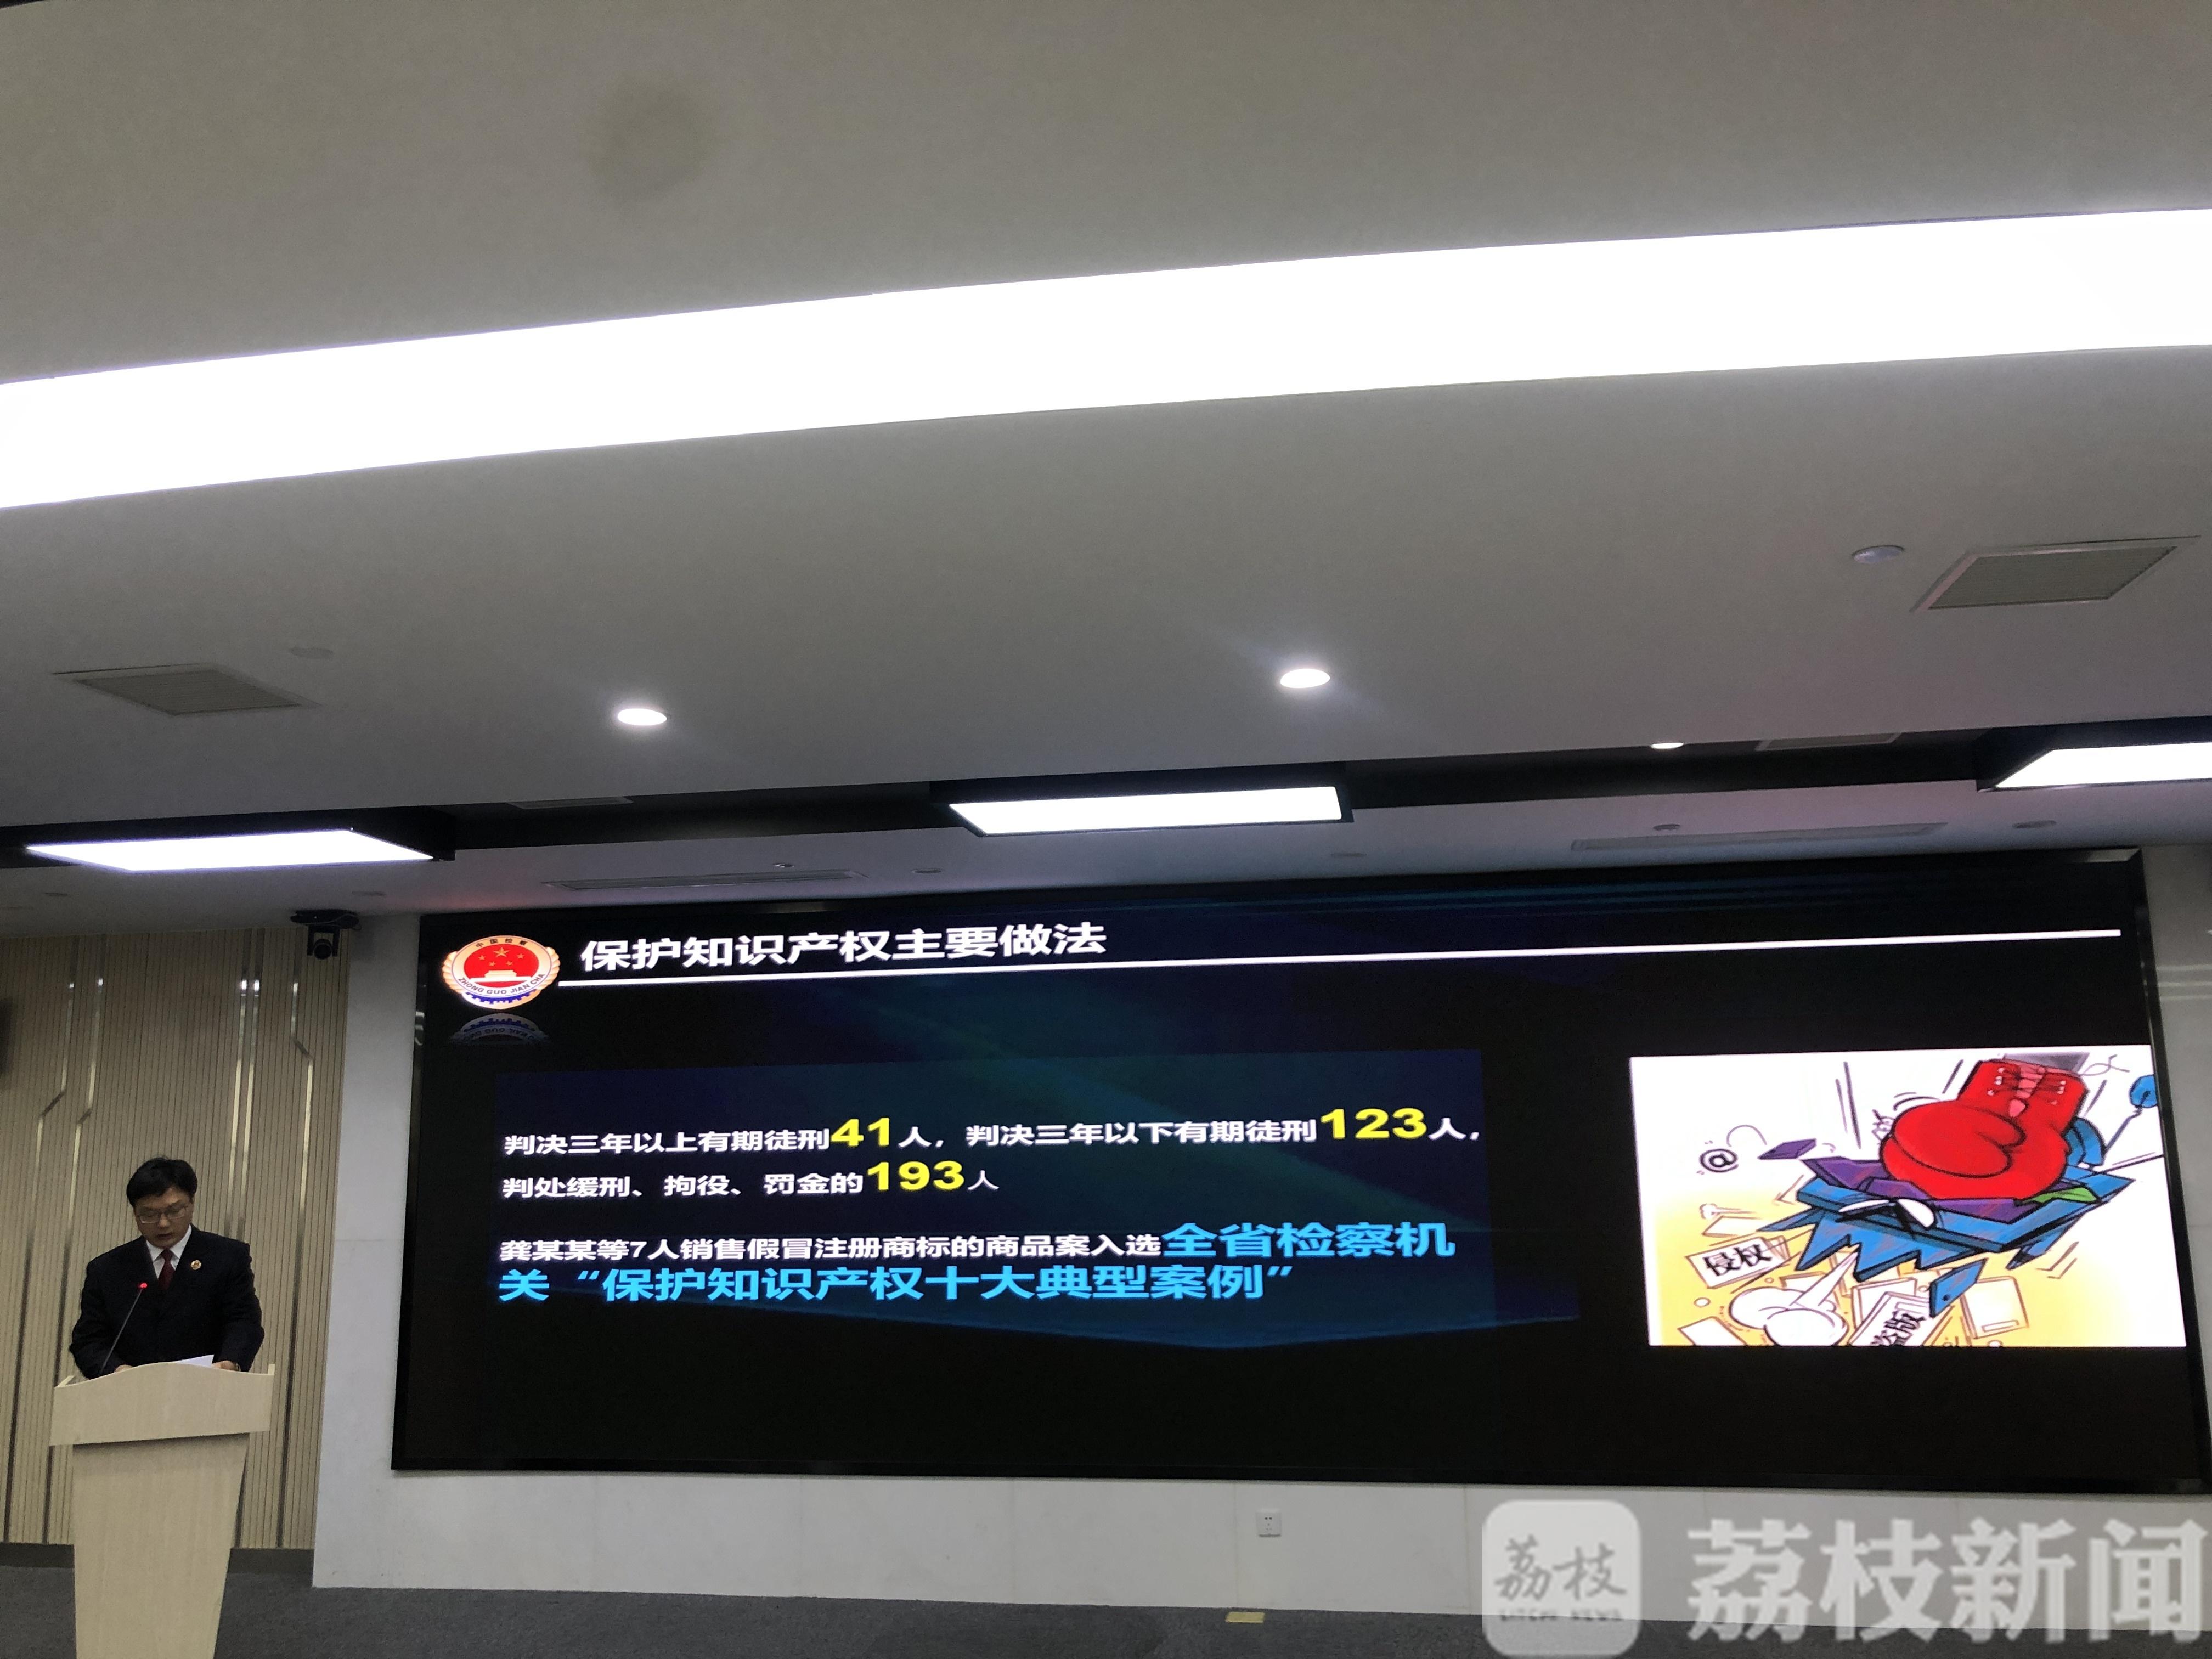 网购的斯伯丁篮球、gucci有可能是假冒的!南京检察机关发布六件侵犯知识产权犯罪